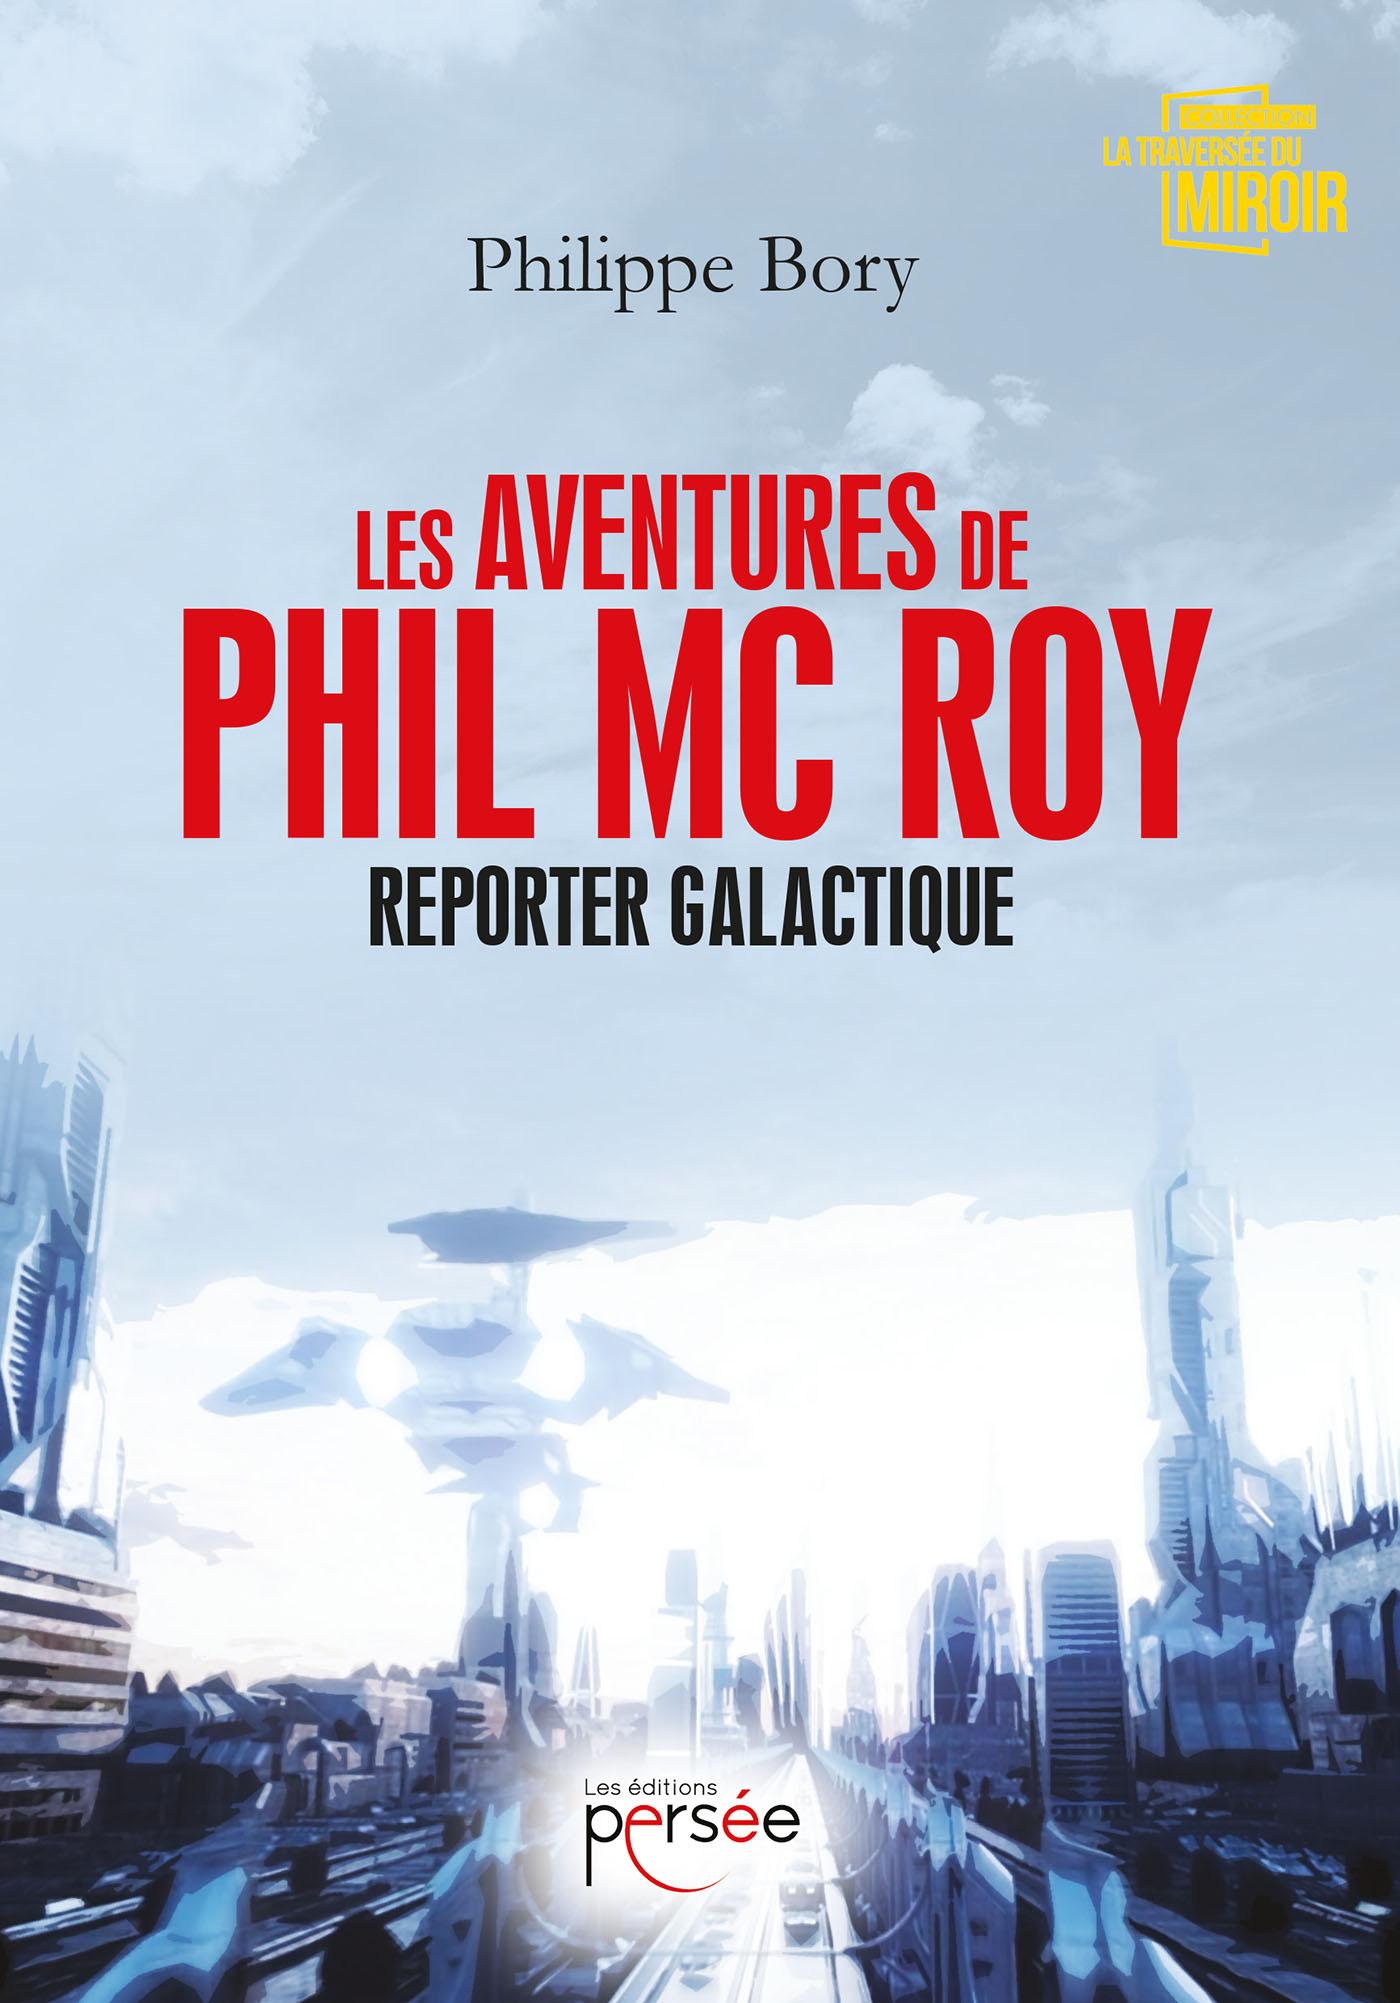 Les aventures de Phil McRoy, reporter galactique